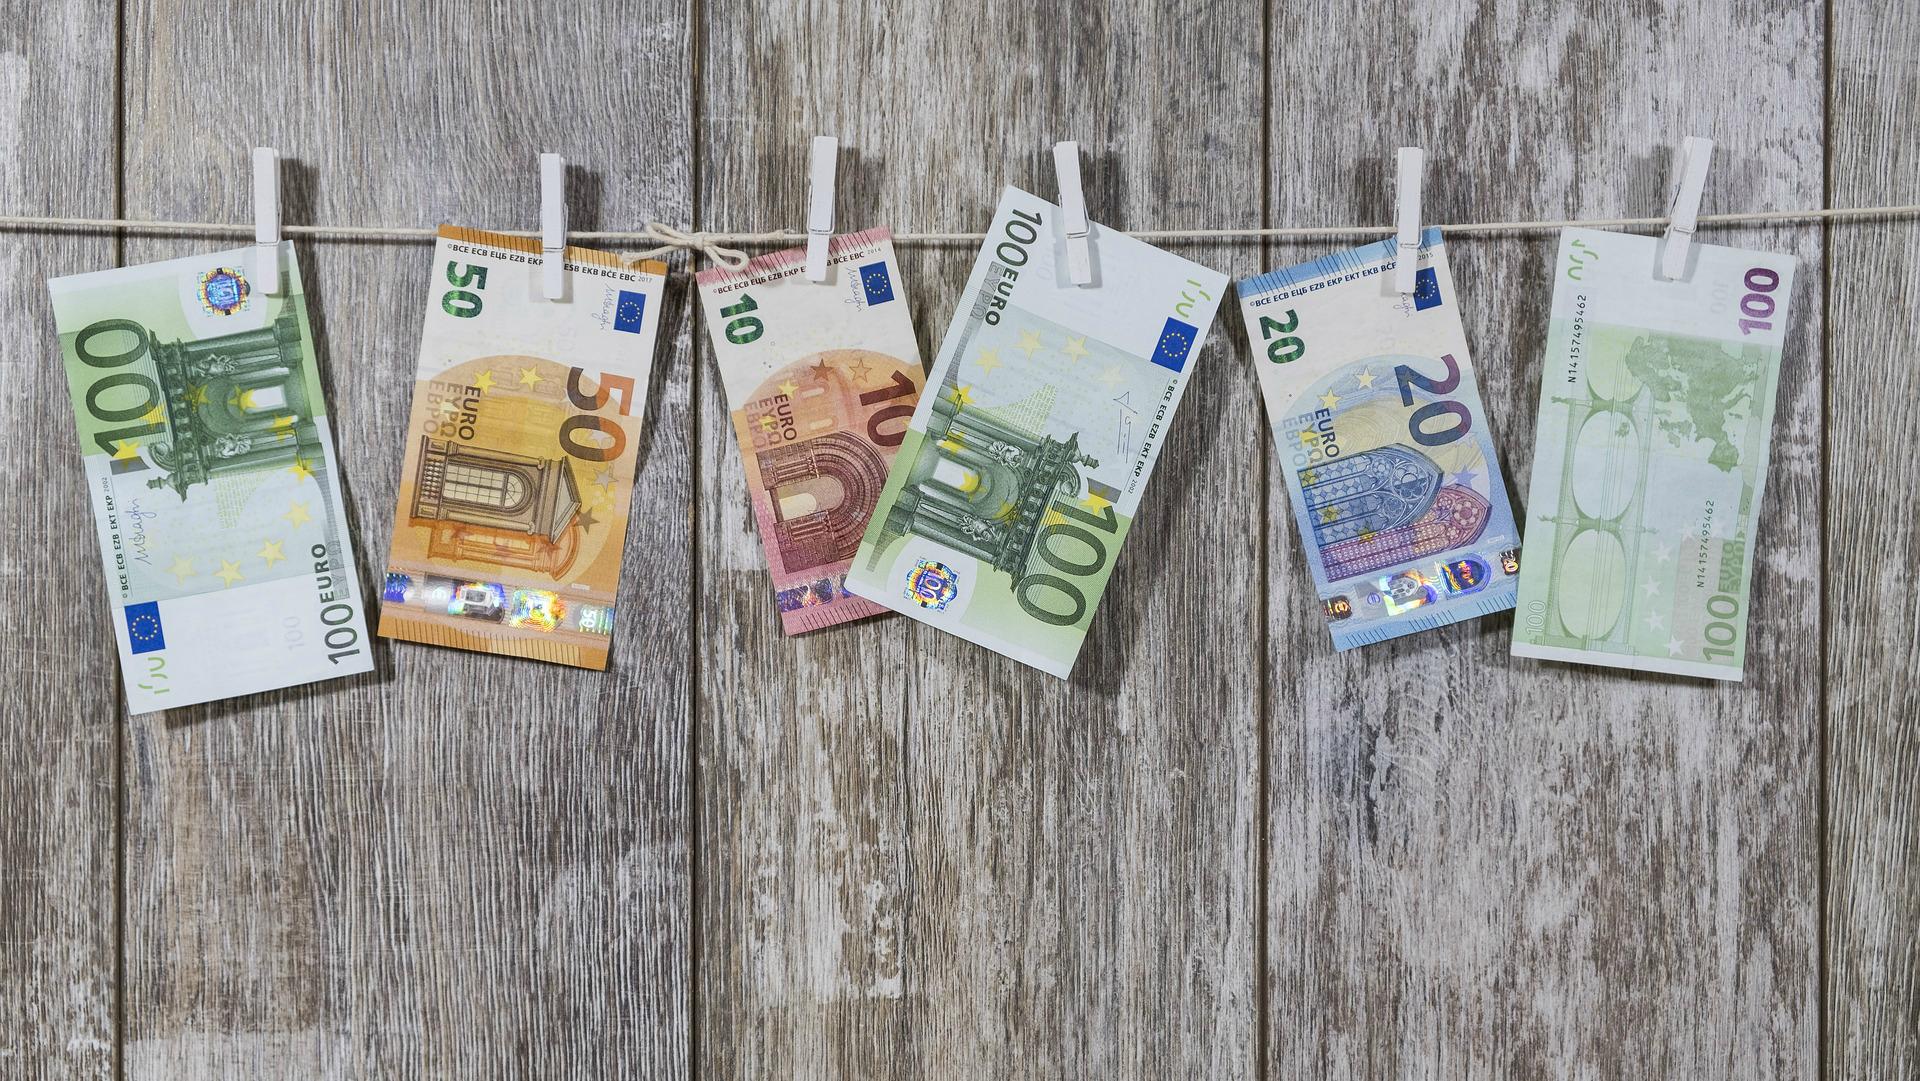 Nopelnīt Papildus Naudu - REKLĀMA: 5 veidi, kā nopelnīt papildus naudas līdzekļus